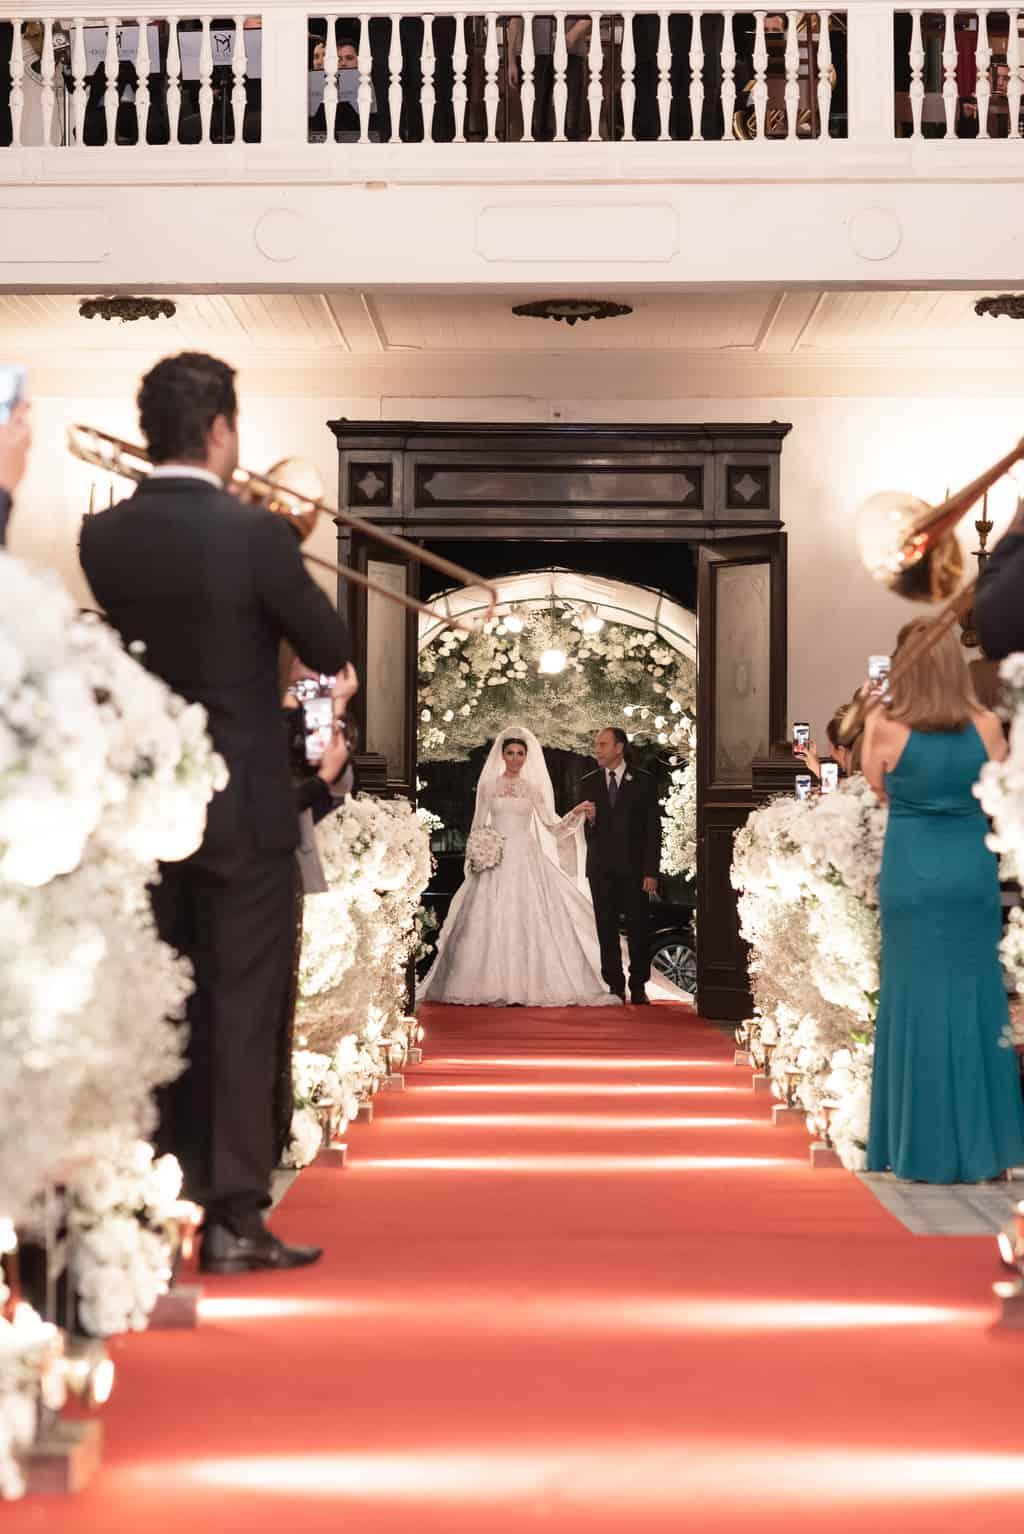 casamento-Patricia-e-Thiago-Igreja-Nossa-Senhora-do-Bonsucesso-Paula-Rocha-Marina-Fava-Cerimonia0726-Patricia-e-Thiago-MFF_9853